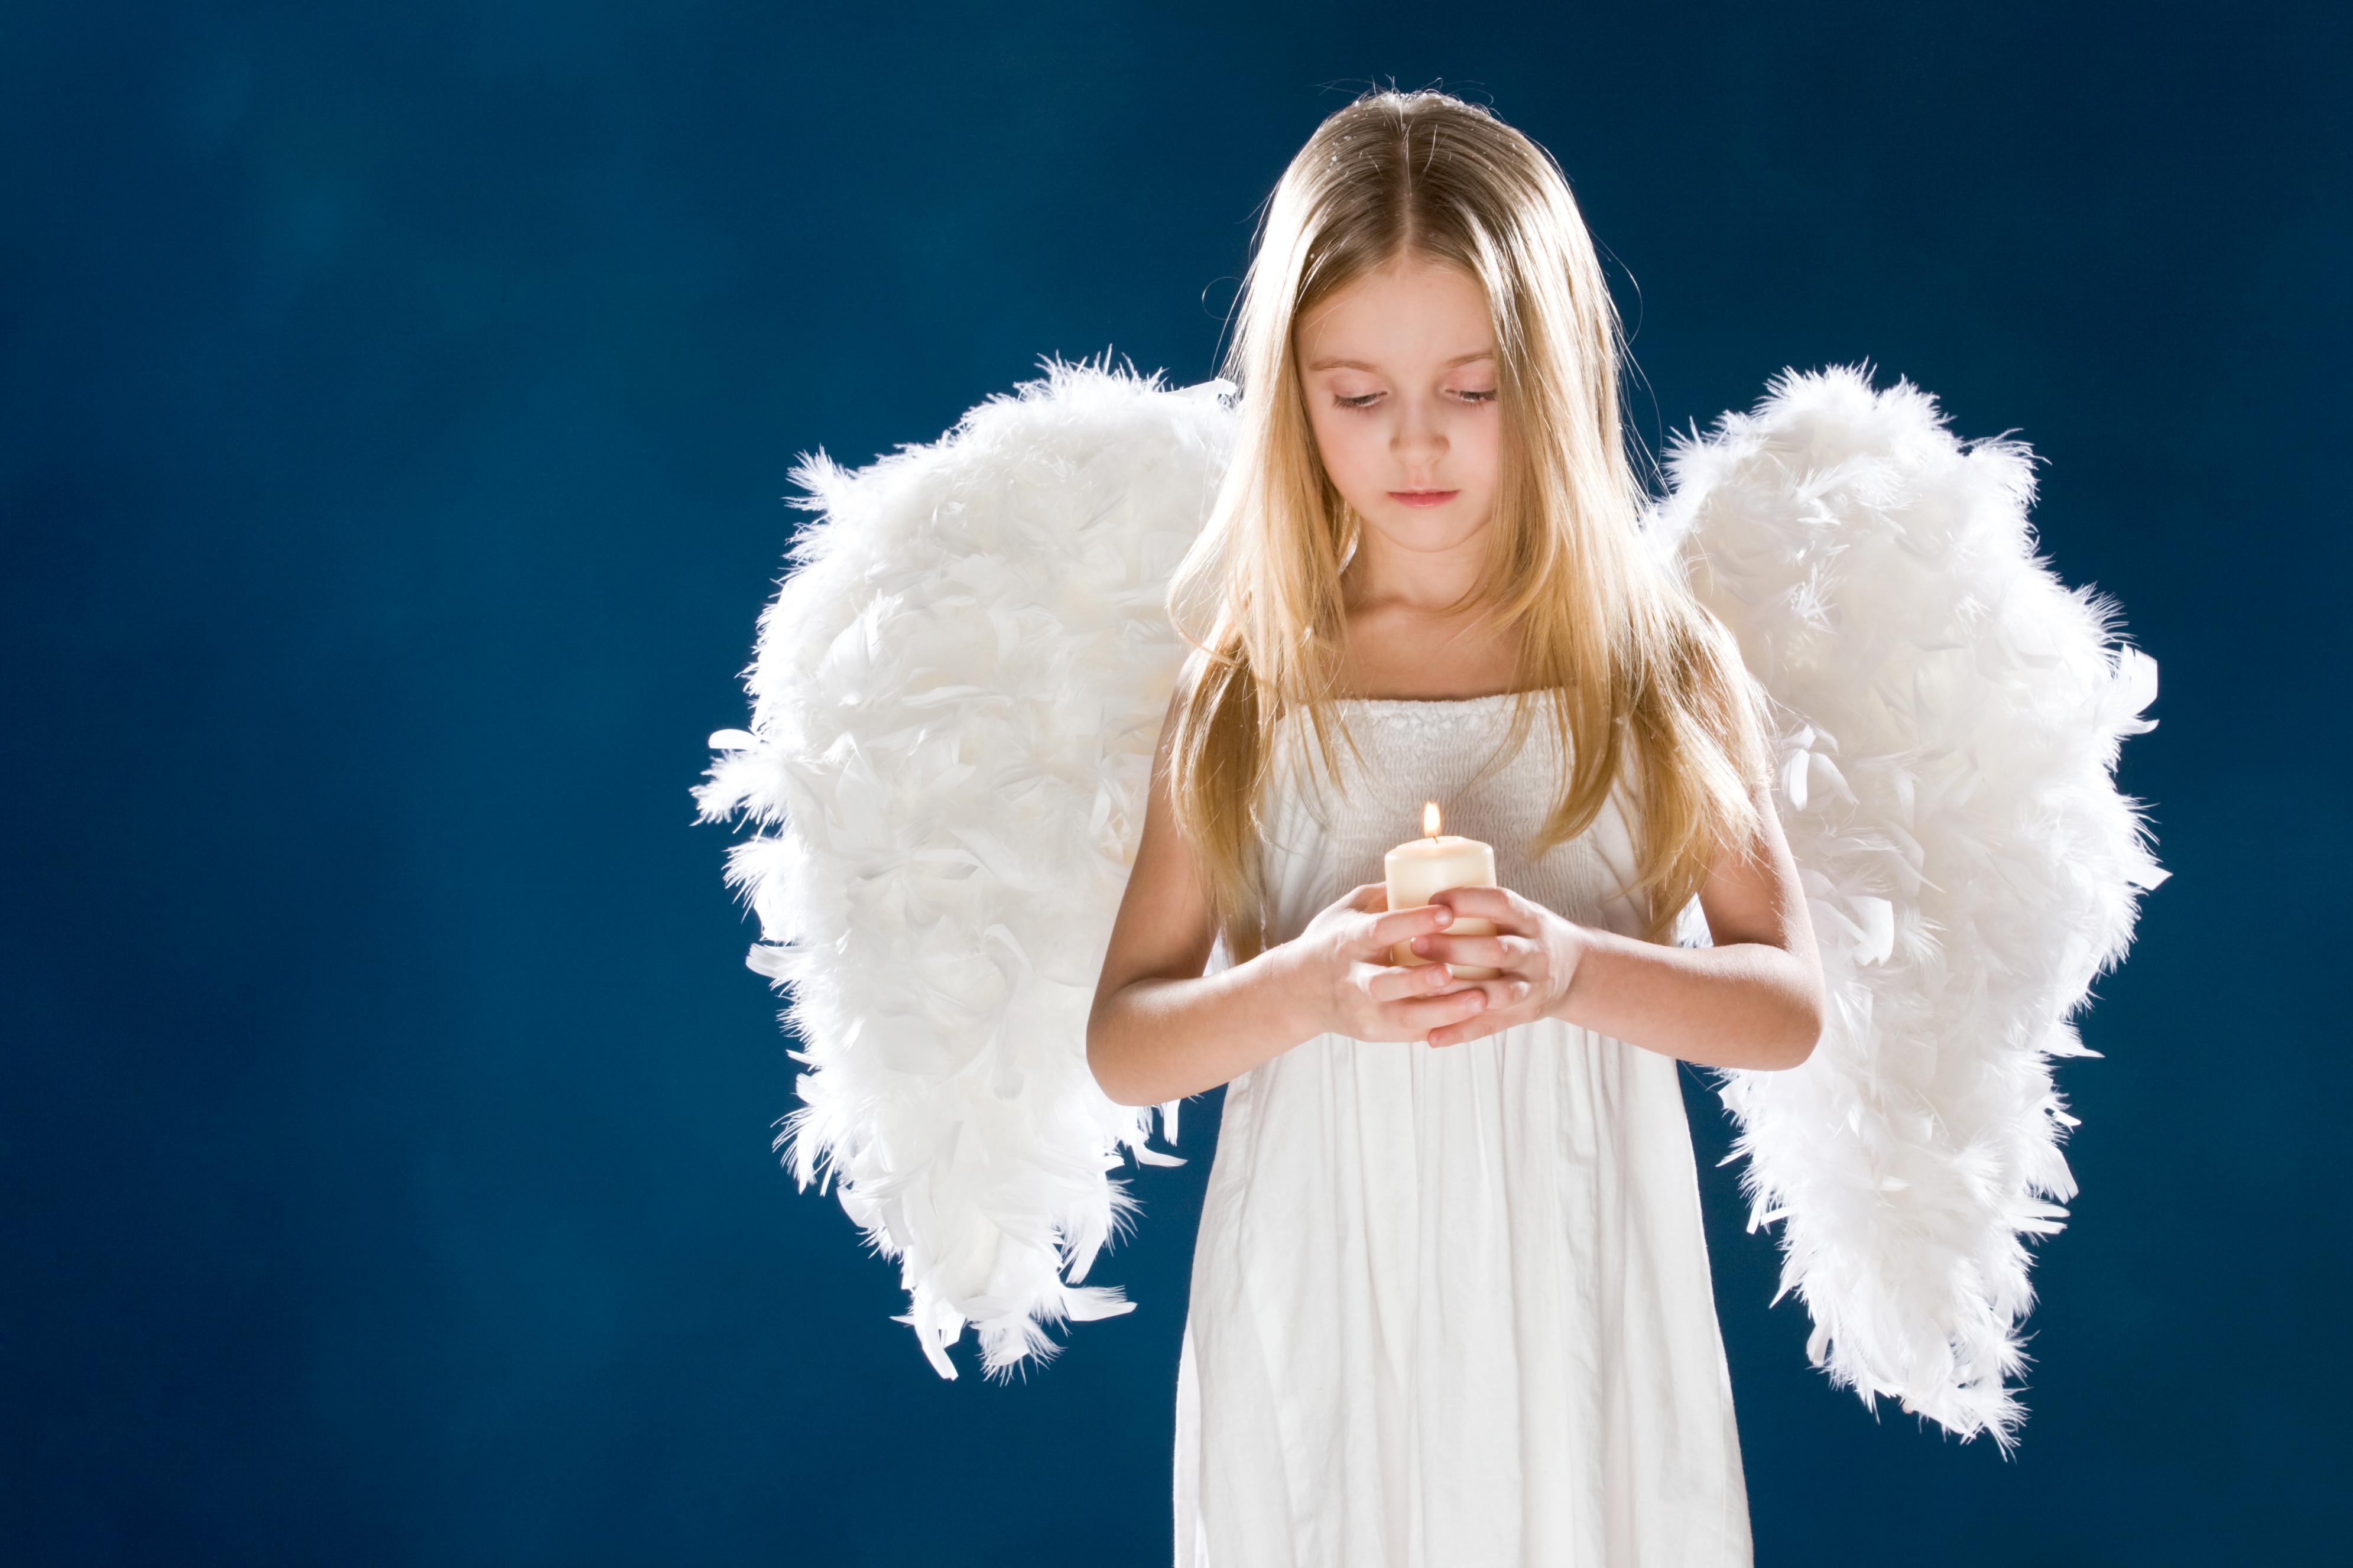 мороженое домашних картинки на телефон детка с крылышками вечеринке бассейном присутствовали